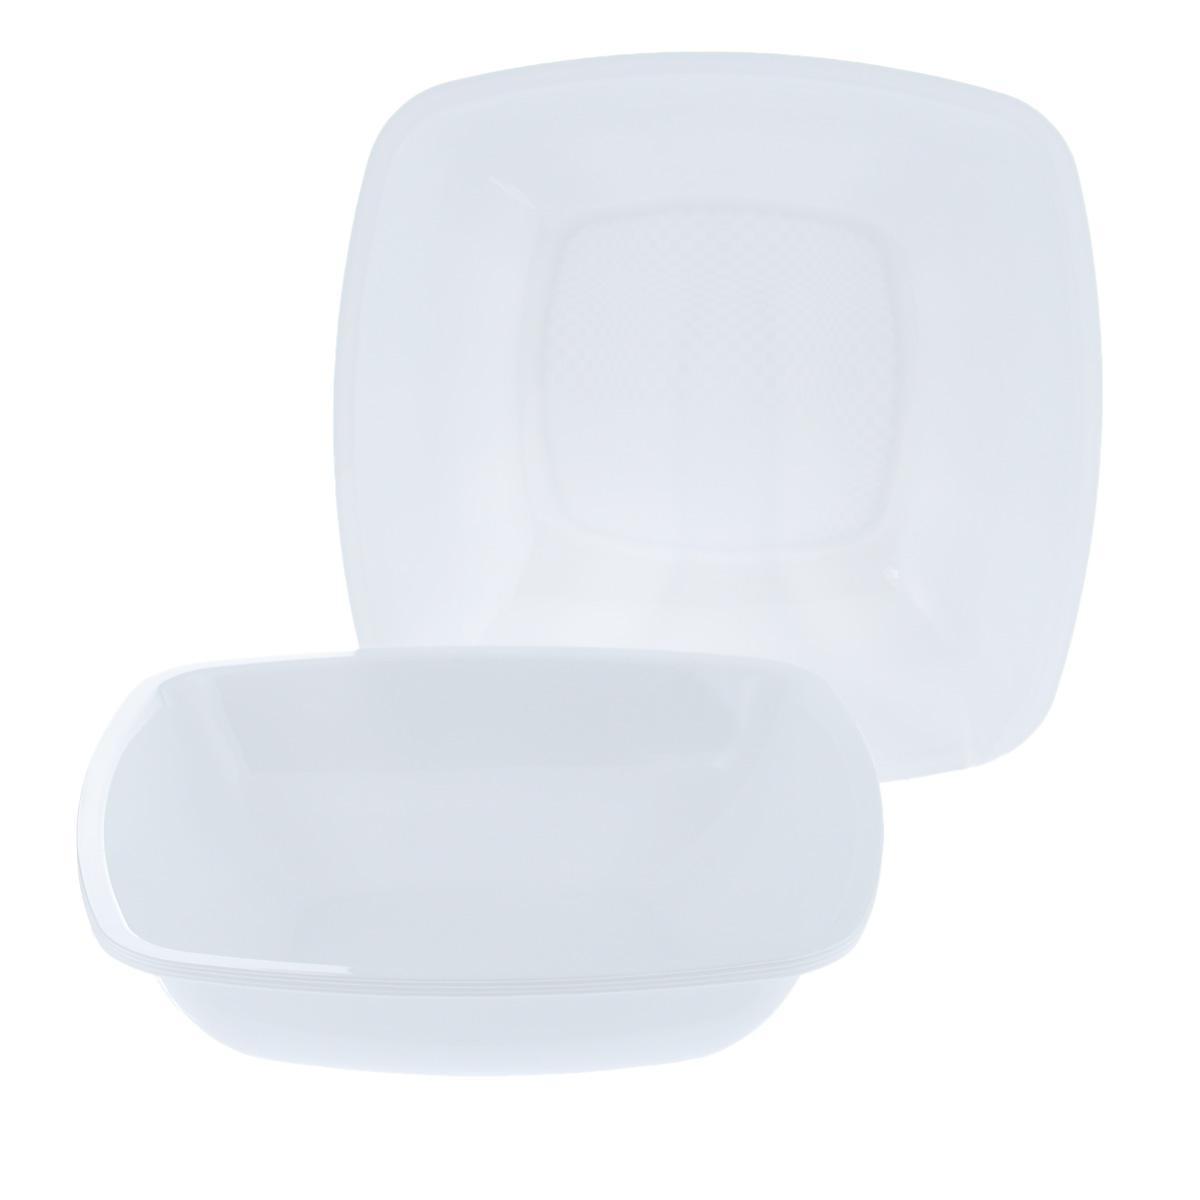 Набор одноразовых глубоких тарелок Buffet, цвет: белый, 18 см х 18 см, 6 шт2801Набор Buffet состоит из 6 глубоких тарелок, выполненных из полипропилена и предназначенных для одноразового использования. Тарелки подойдут для различных пищевых продуктов. Одноразовые тарелки будут незаменимы при поездках на природу, пикниках и других мероприятиях. Они не займут много места, легки и самое главное - после использования их не надо мыть. Размер тарелки: 18 см х 18 см. Высота тарелки: 4,5 см.